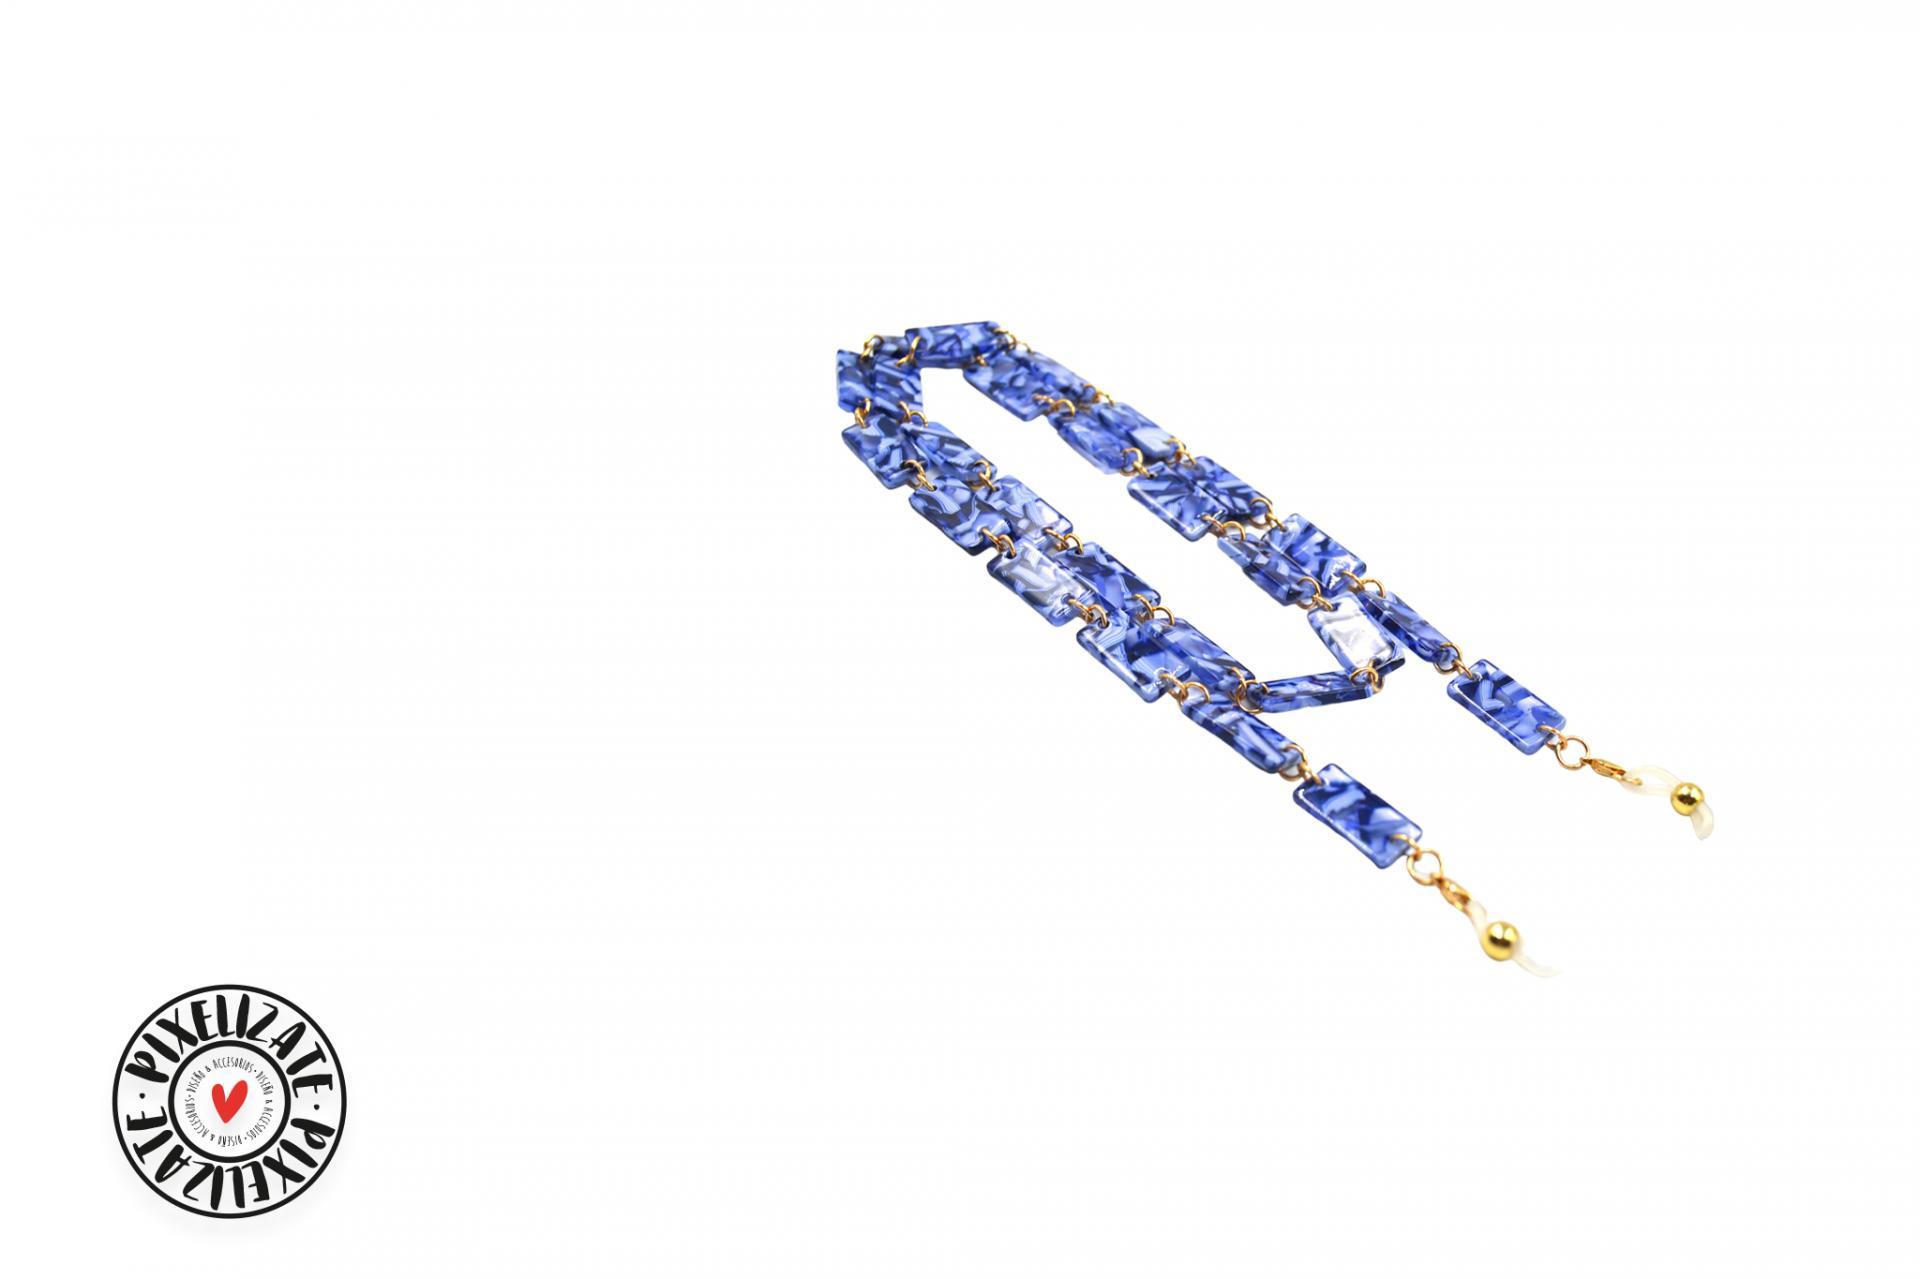 Cadena Cuelgagafas Marmol Azul